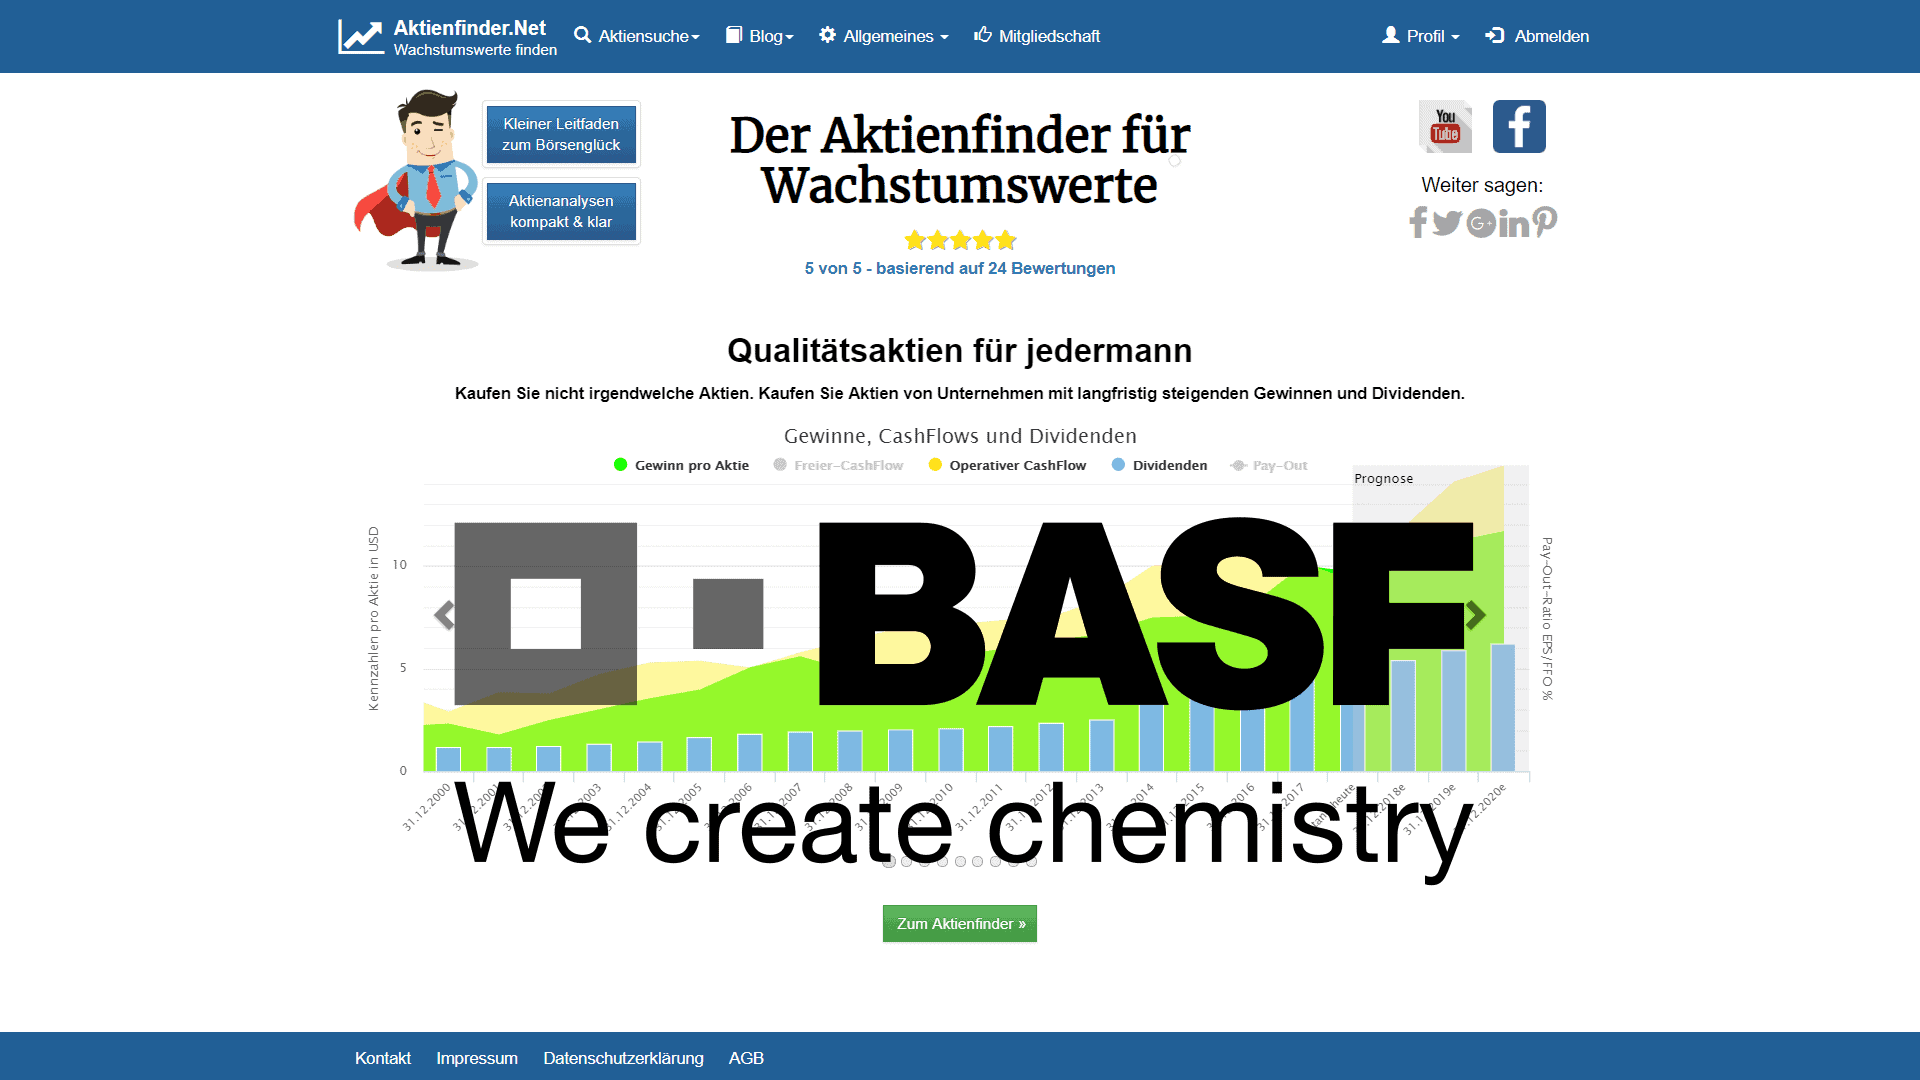 Zum Video: BASF Aktie – Kurs im Keller. Jetzt zuschlagen?